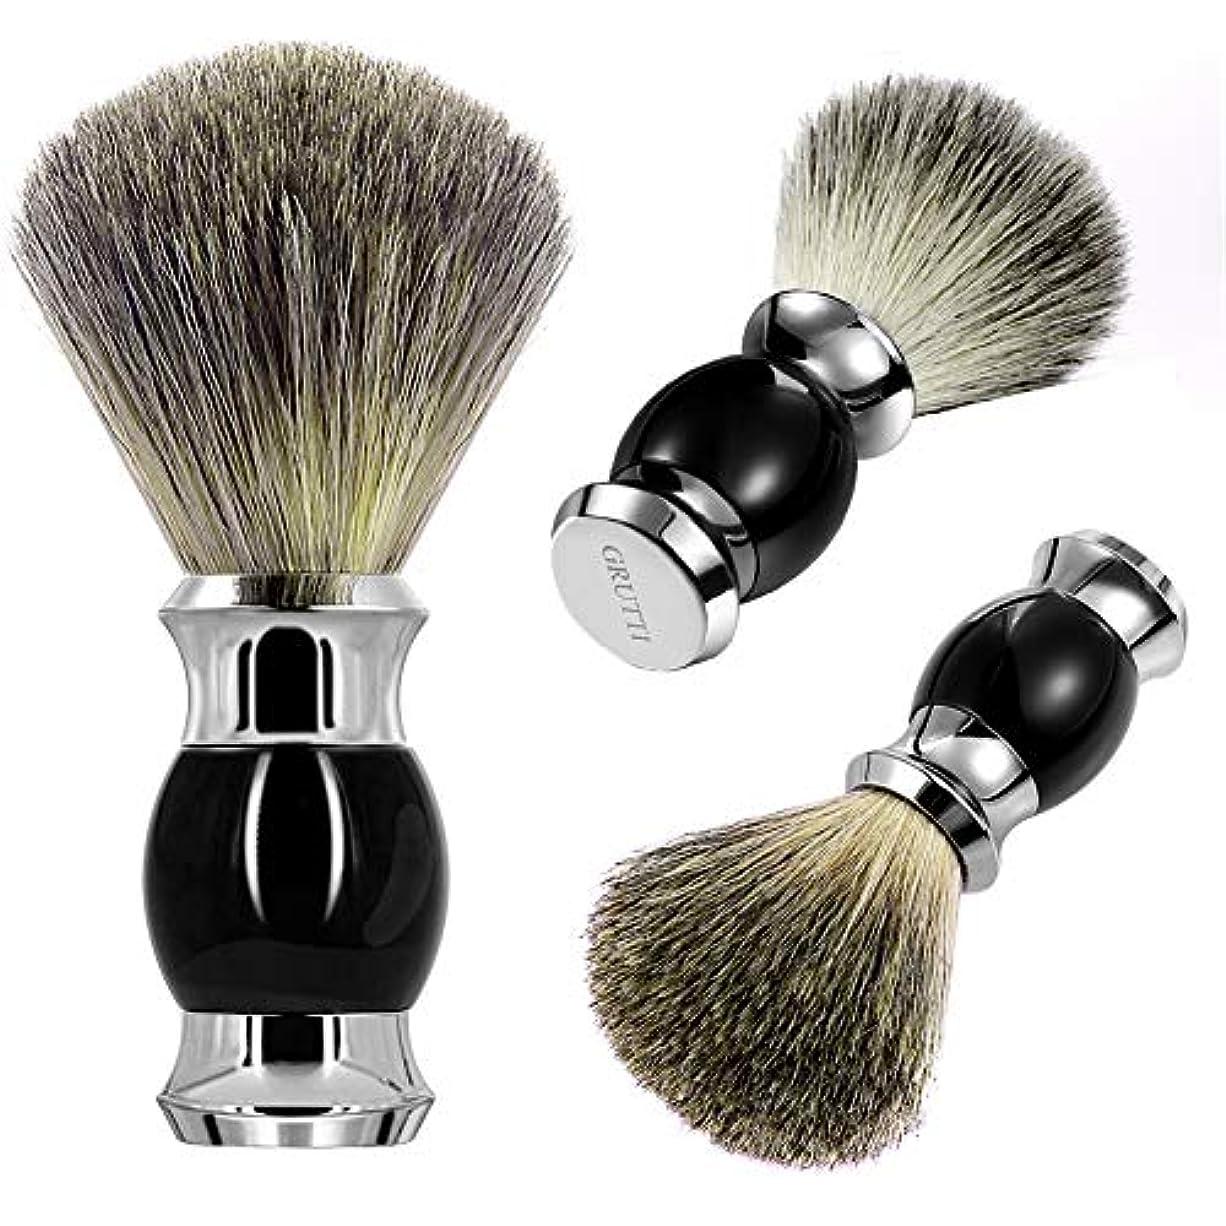 内なる発症九GRUTTI ひげブラシ シェービング ブラシ メンズ 100% アナグマ毛 理容 洗顔 髭剃り 泡立ち …